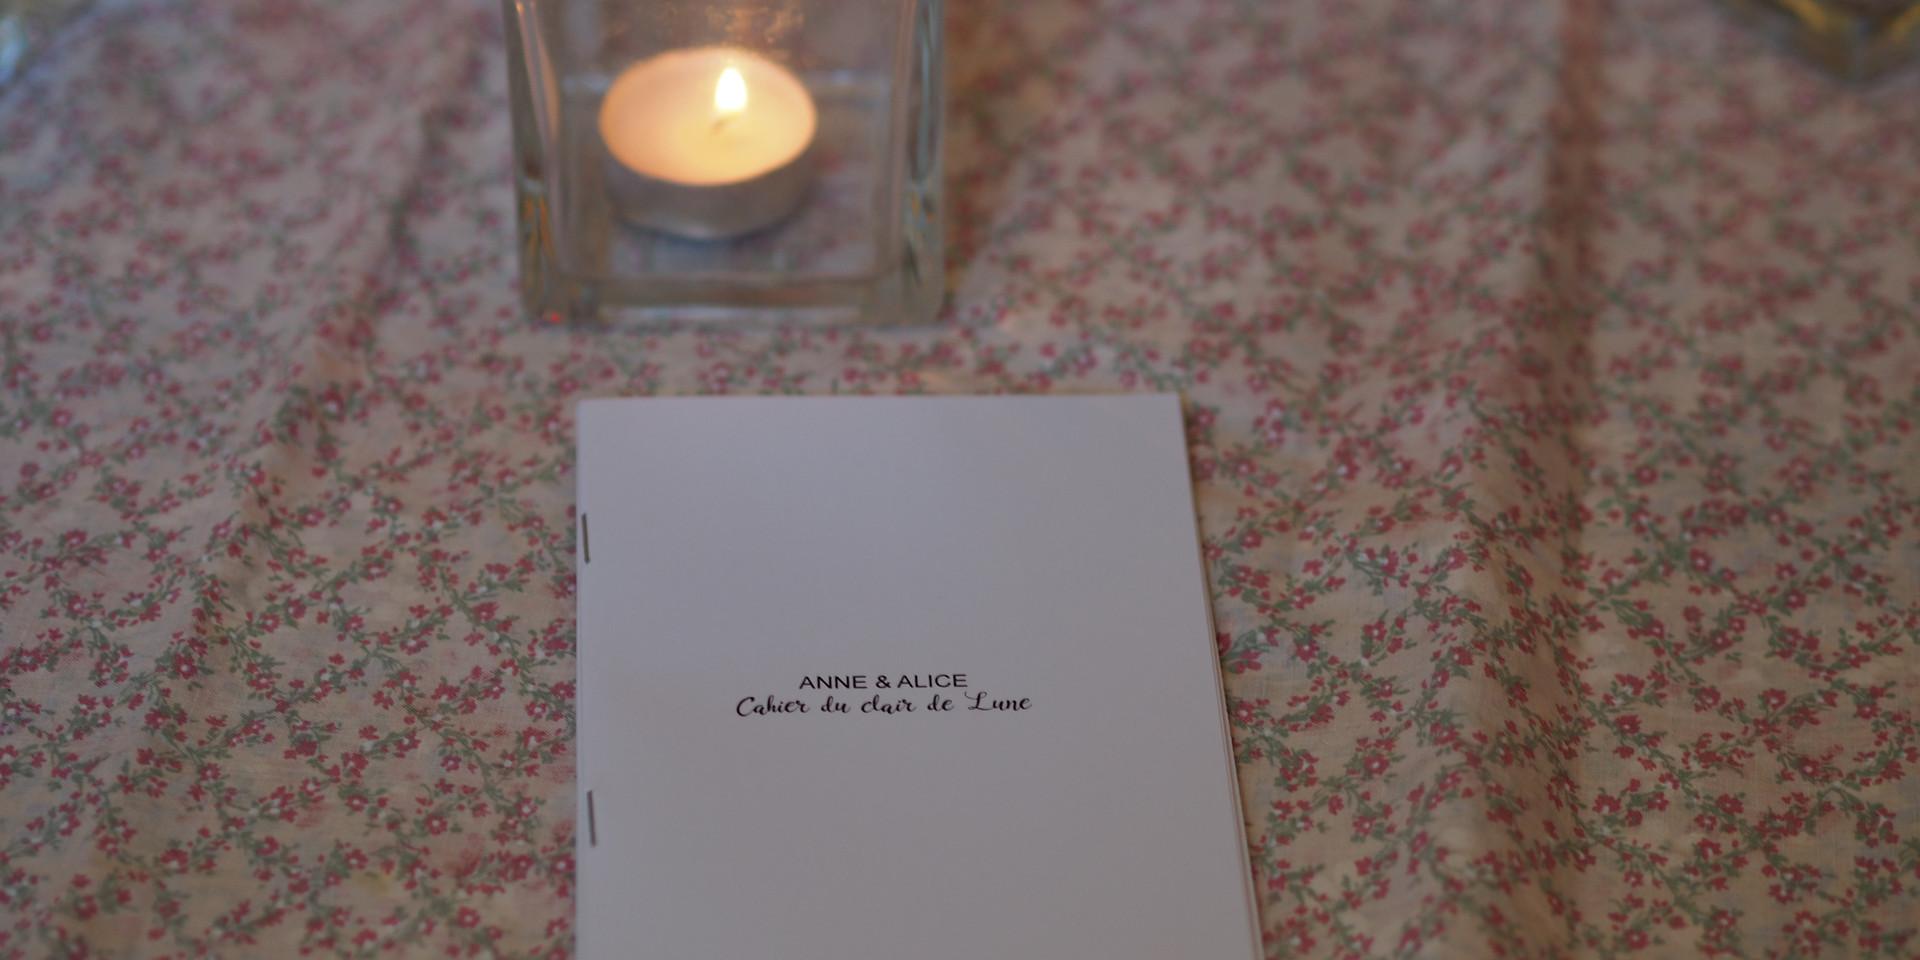 Anne et Alice - Au Clair de la Lune